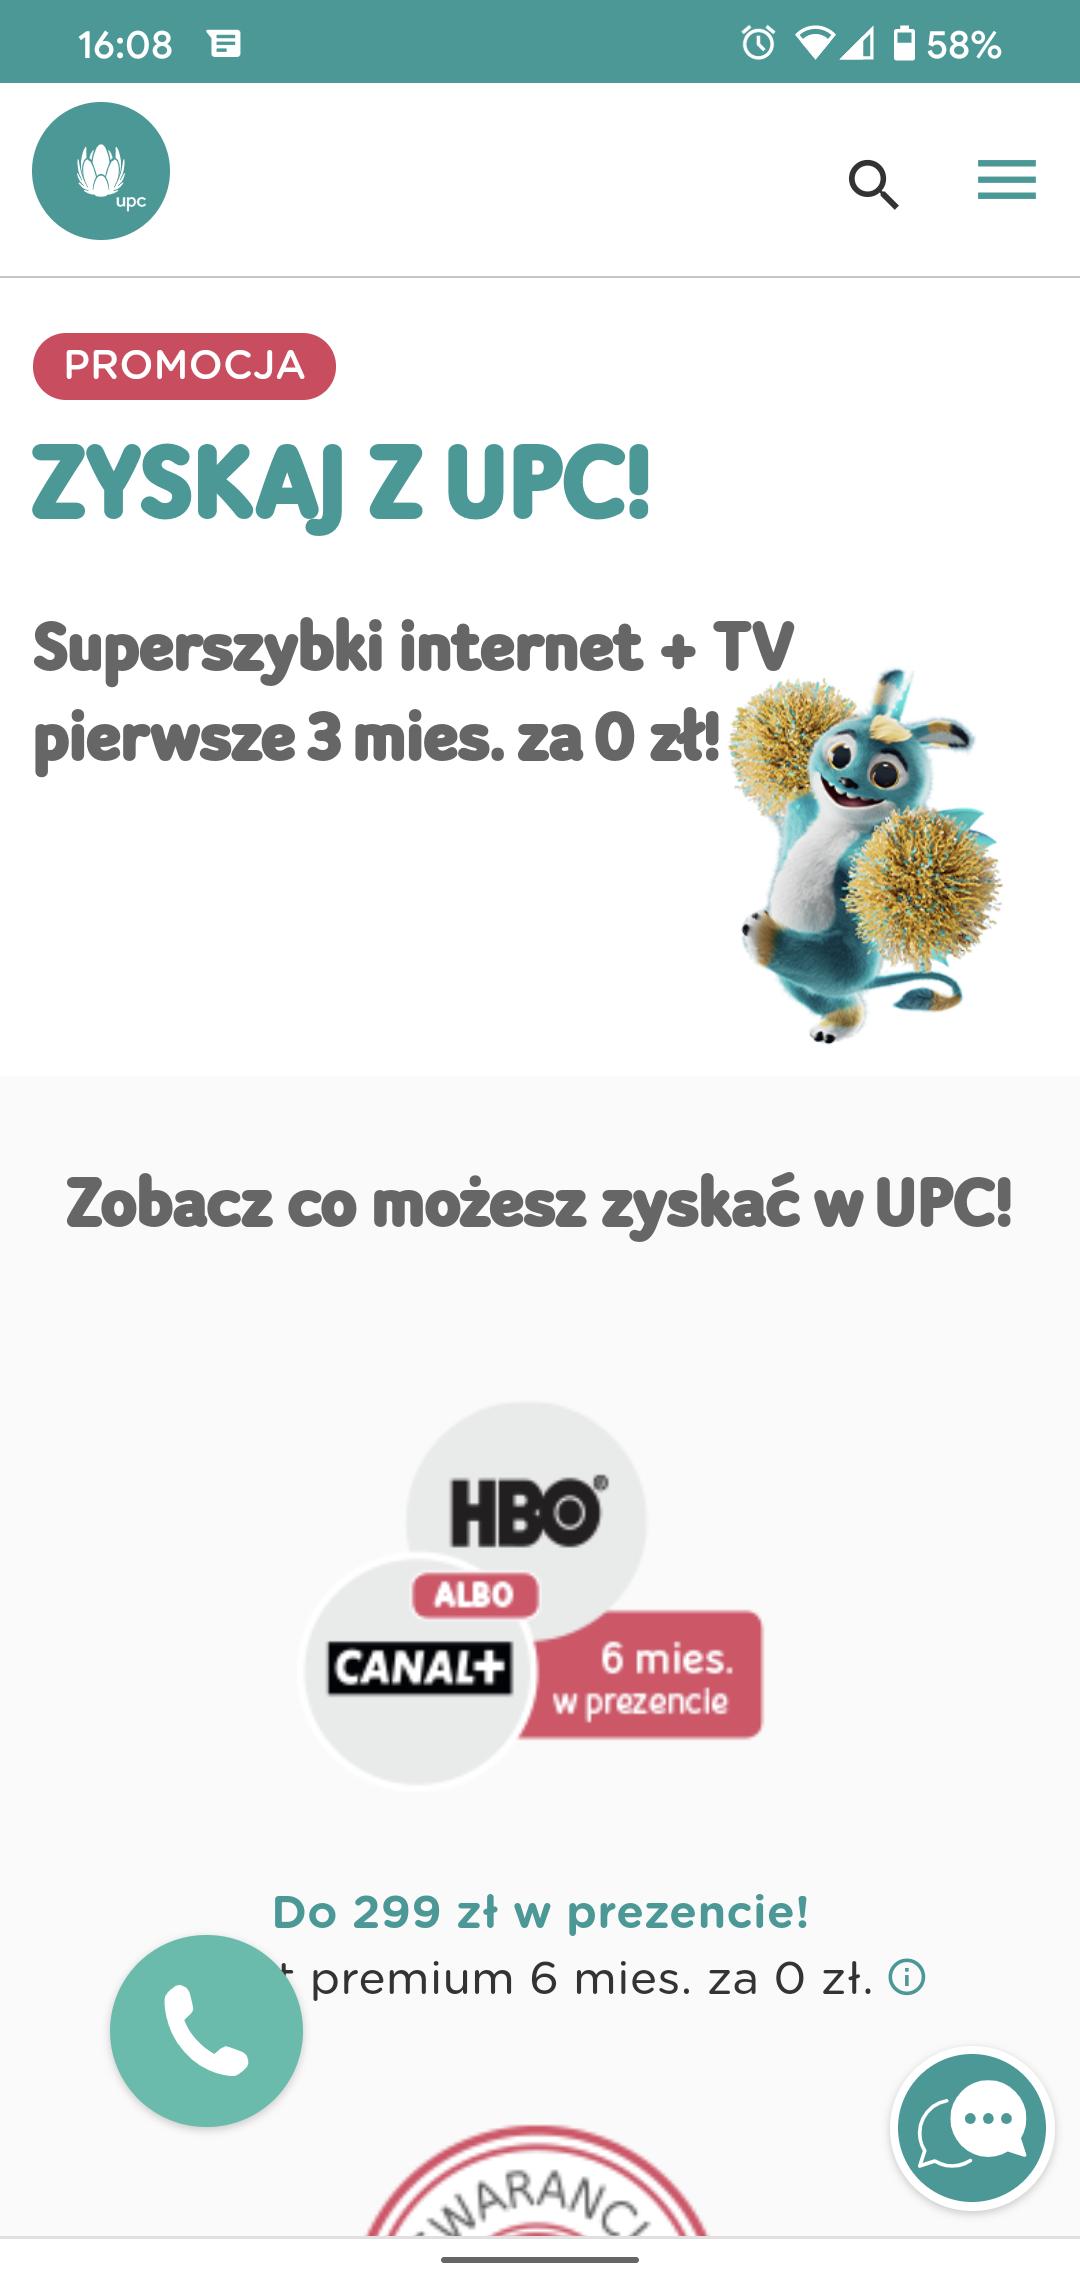 Internet UPC 300 Mb/s, 3 miesiące za 0 zł, HBO Go pół roku za darmo